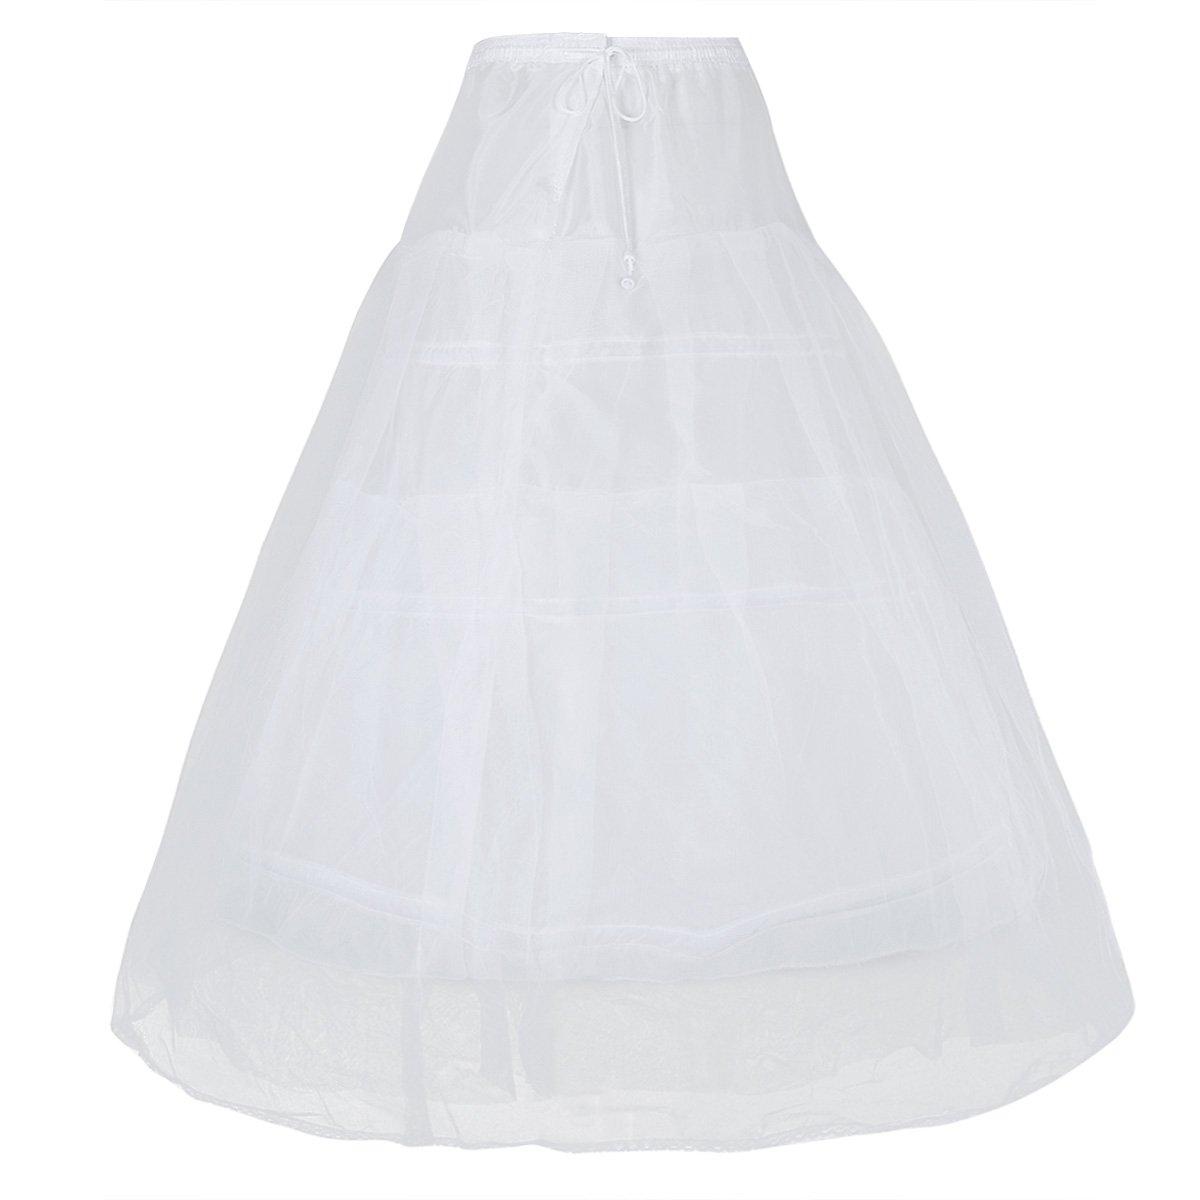 FEESHOW Girls Women 3 Hoops Underskirt Petticoat Children Slips Crinoline Skirt for Wedding Party #32 for Women One Size